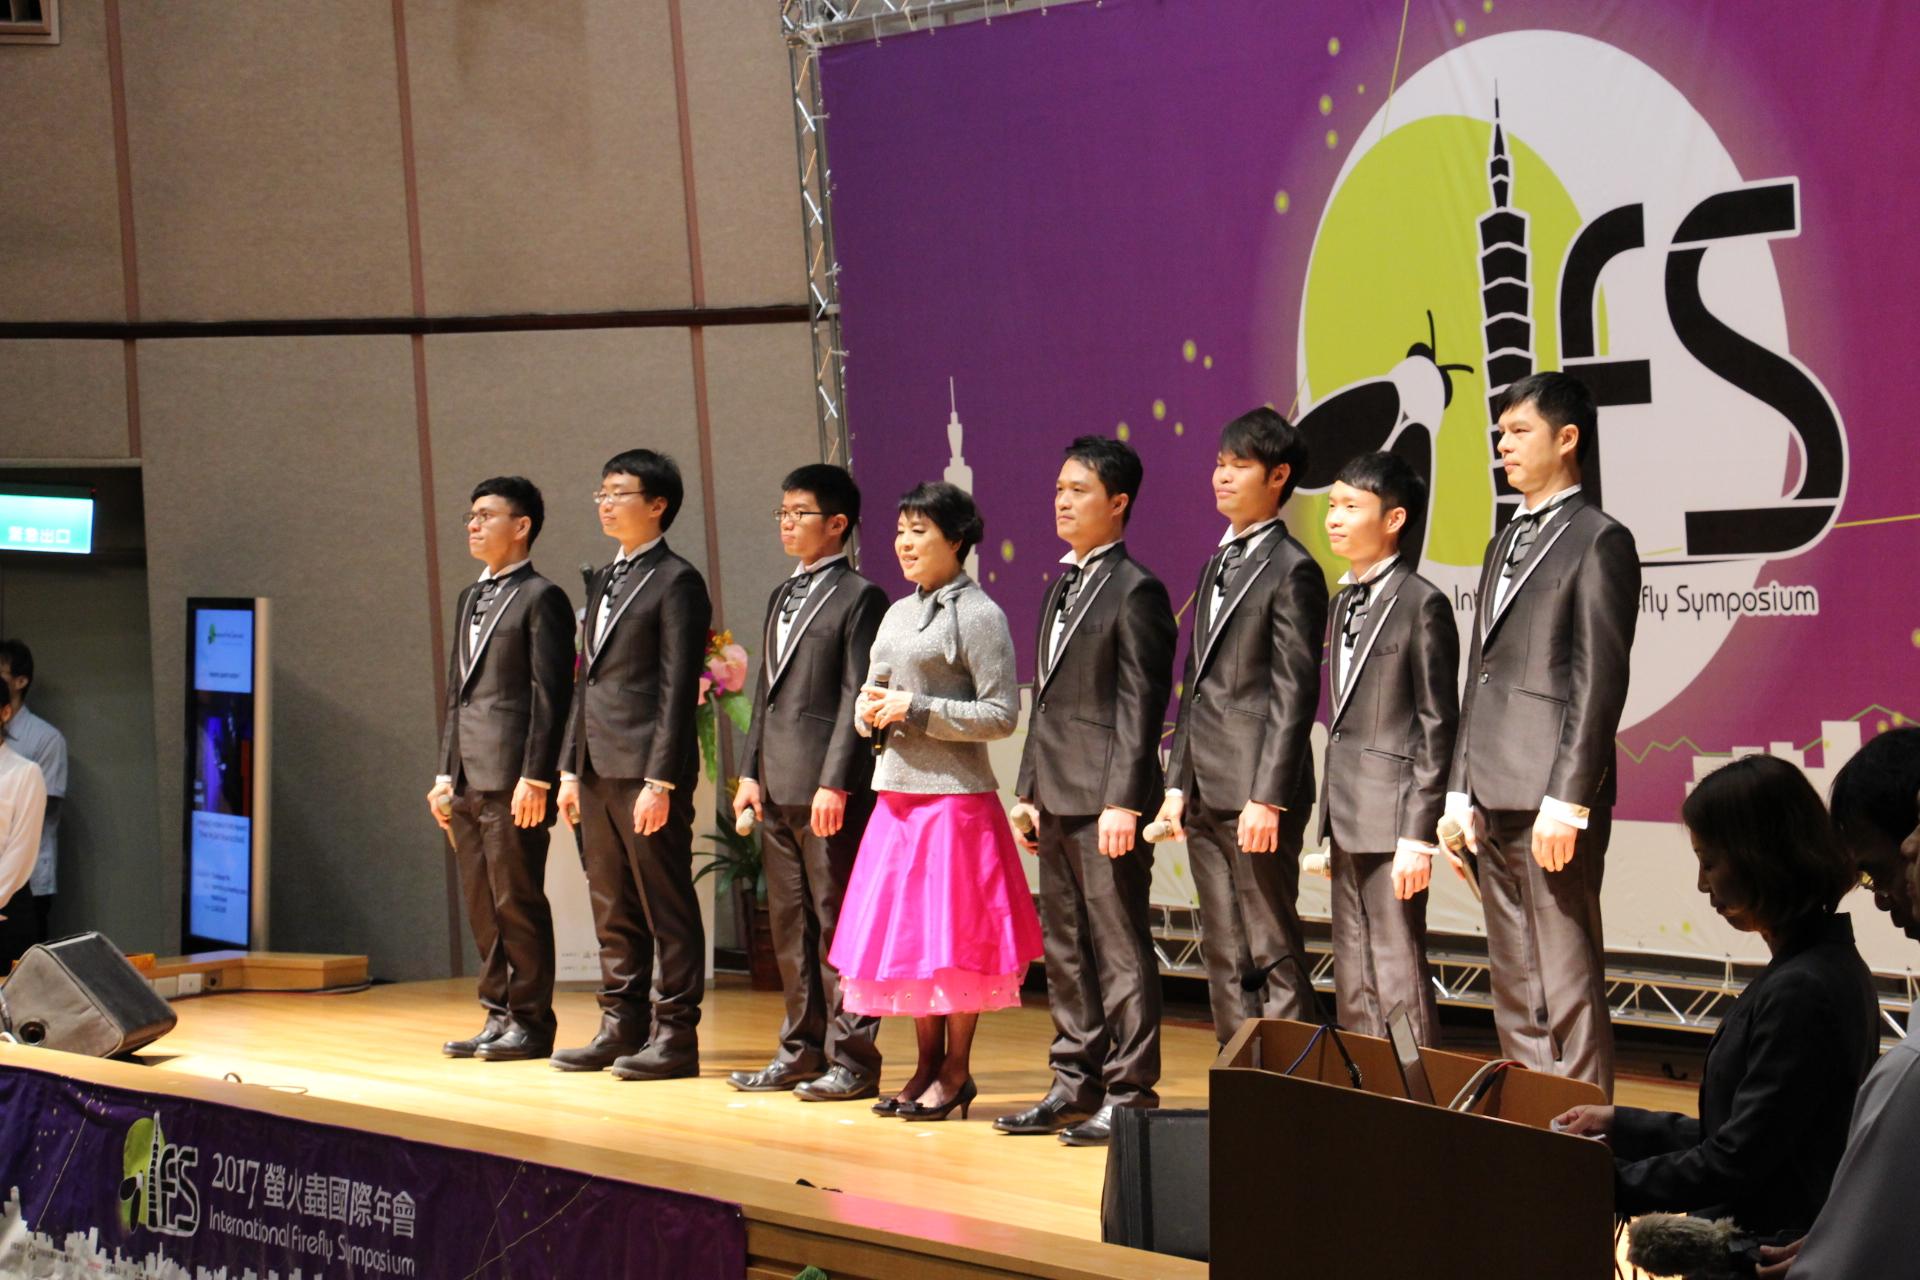 (圖7)知名聲樂家簡文秀於開幕式演唱螢火蟲之歌